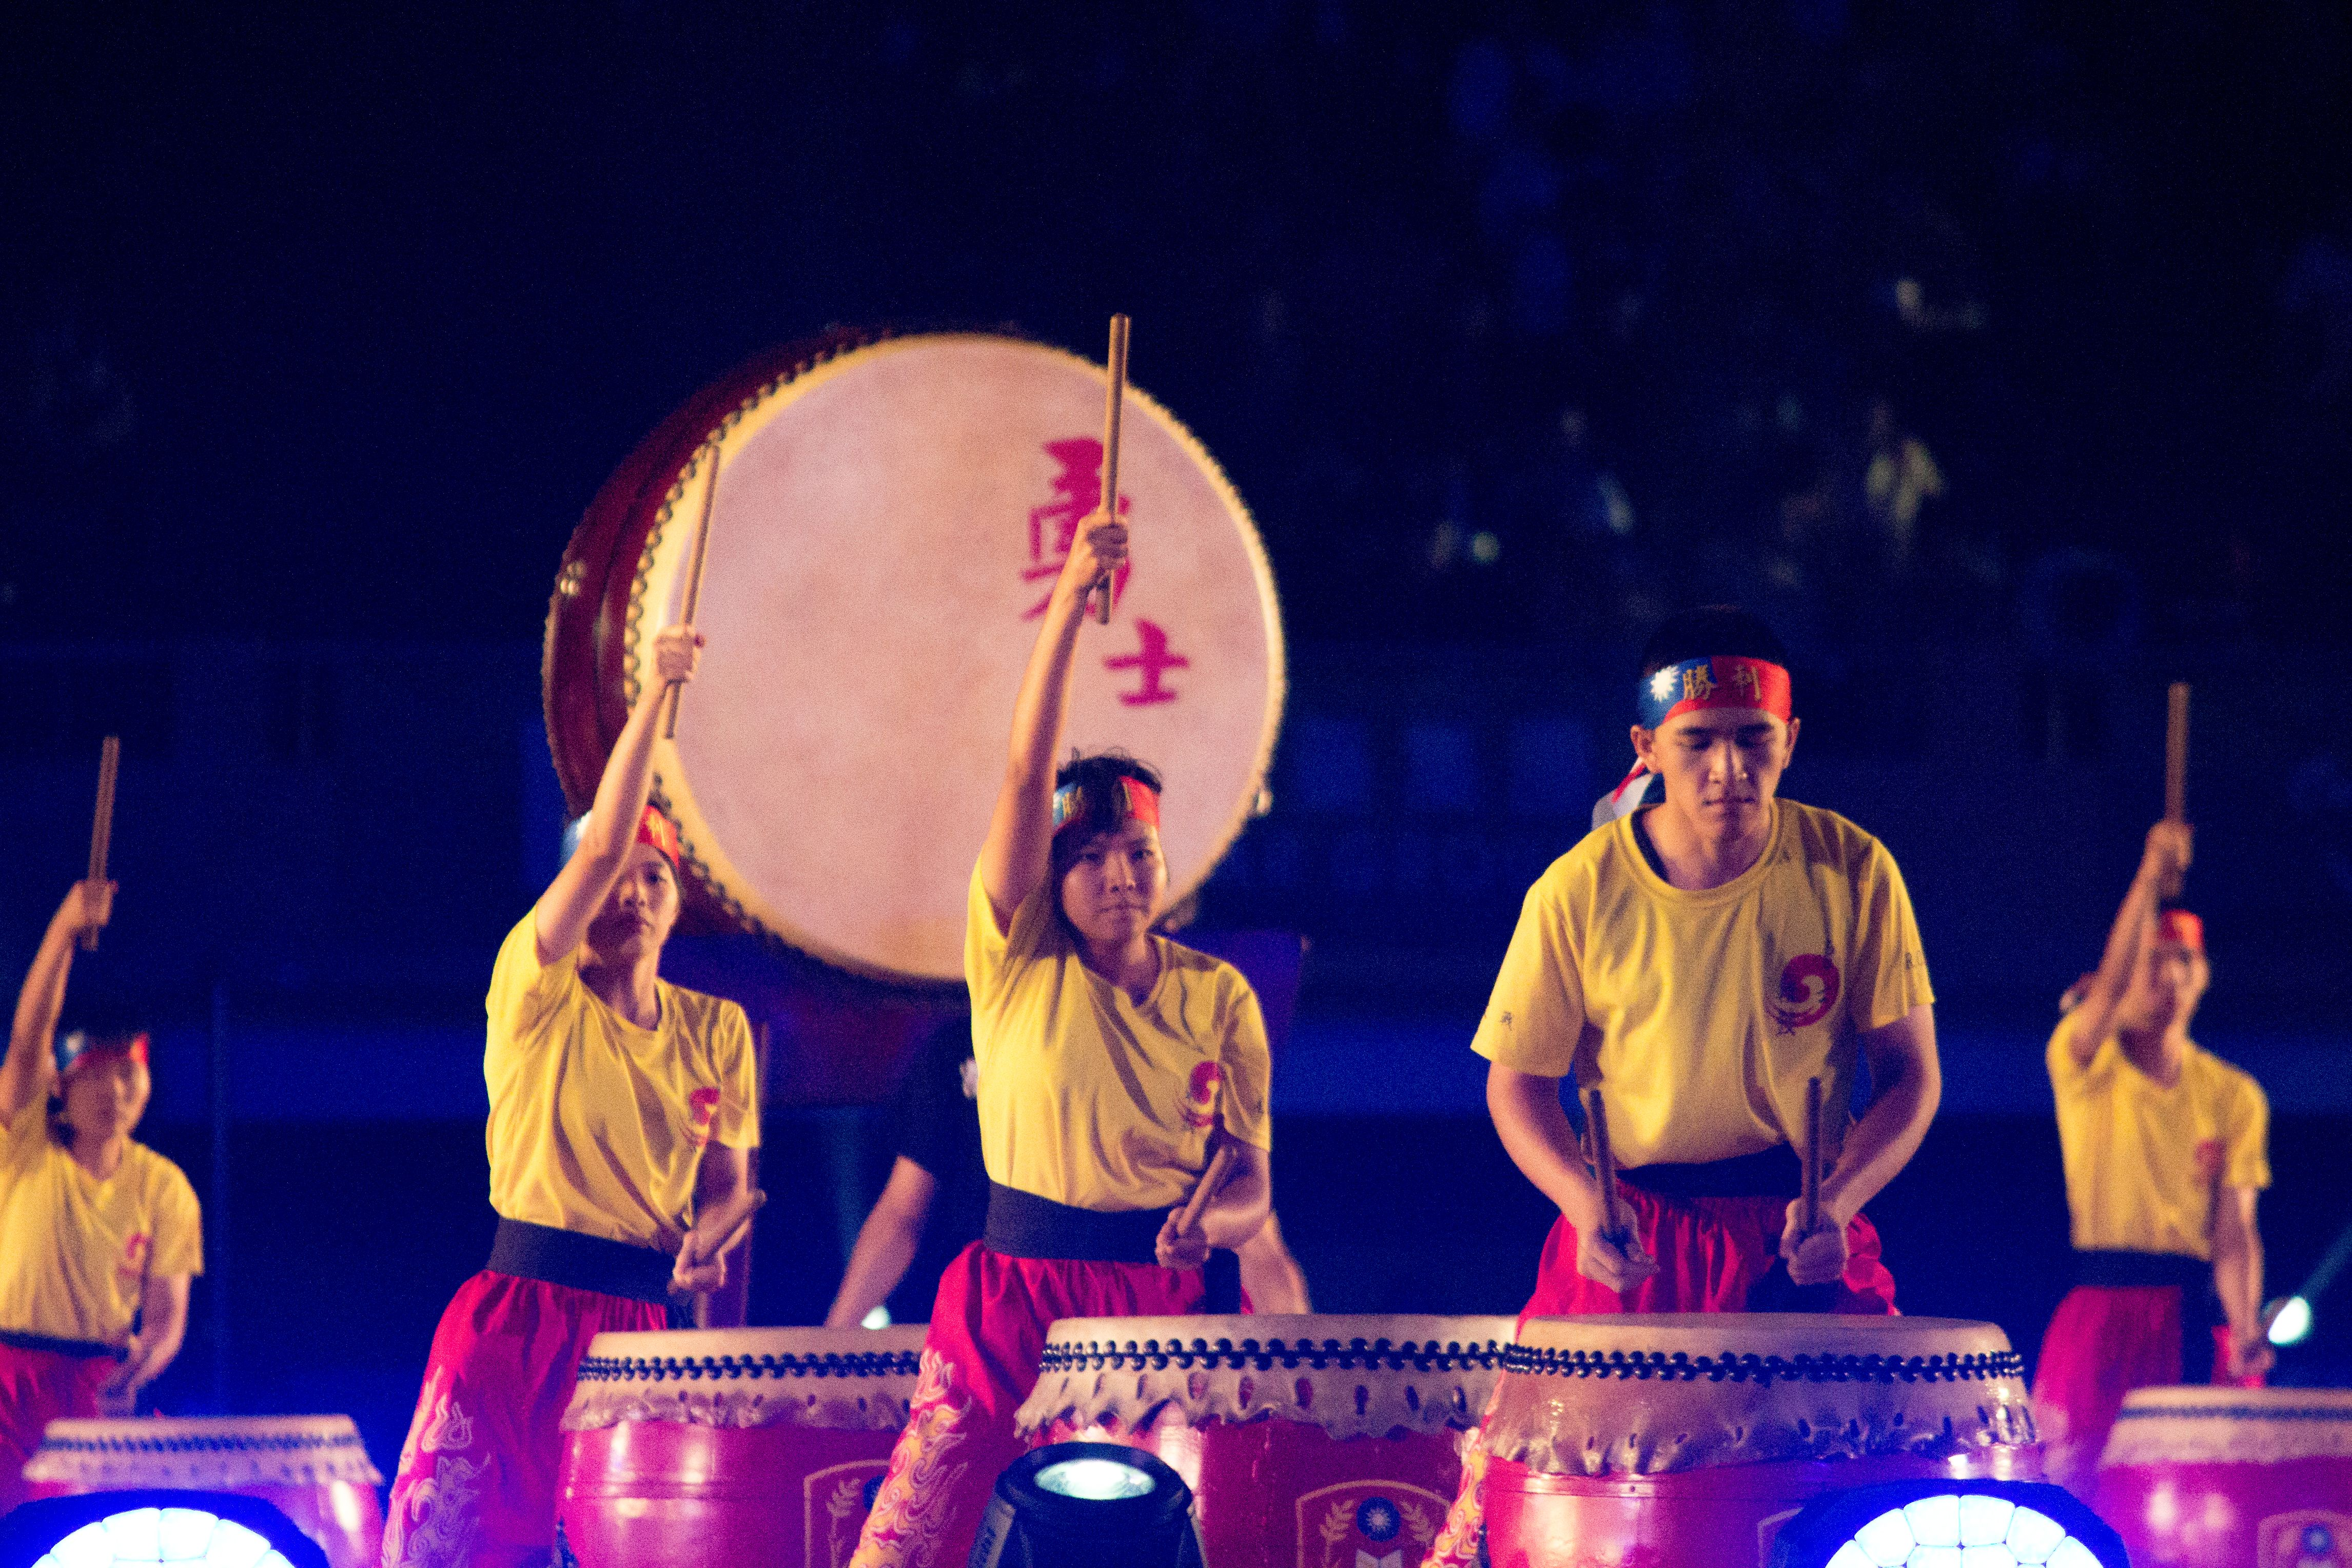 ▲106年全國運動會開幕典禮,陸軍專校戰鼓隊表演。(圖/記者蔡宜瑾攝影)